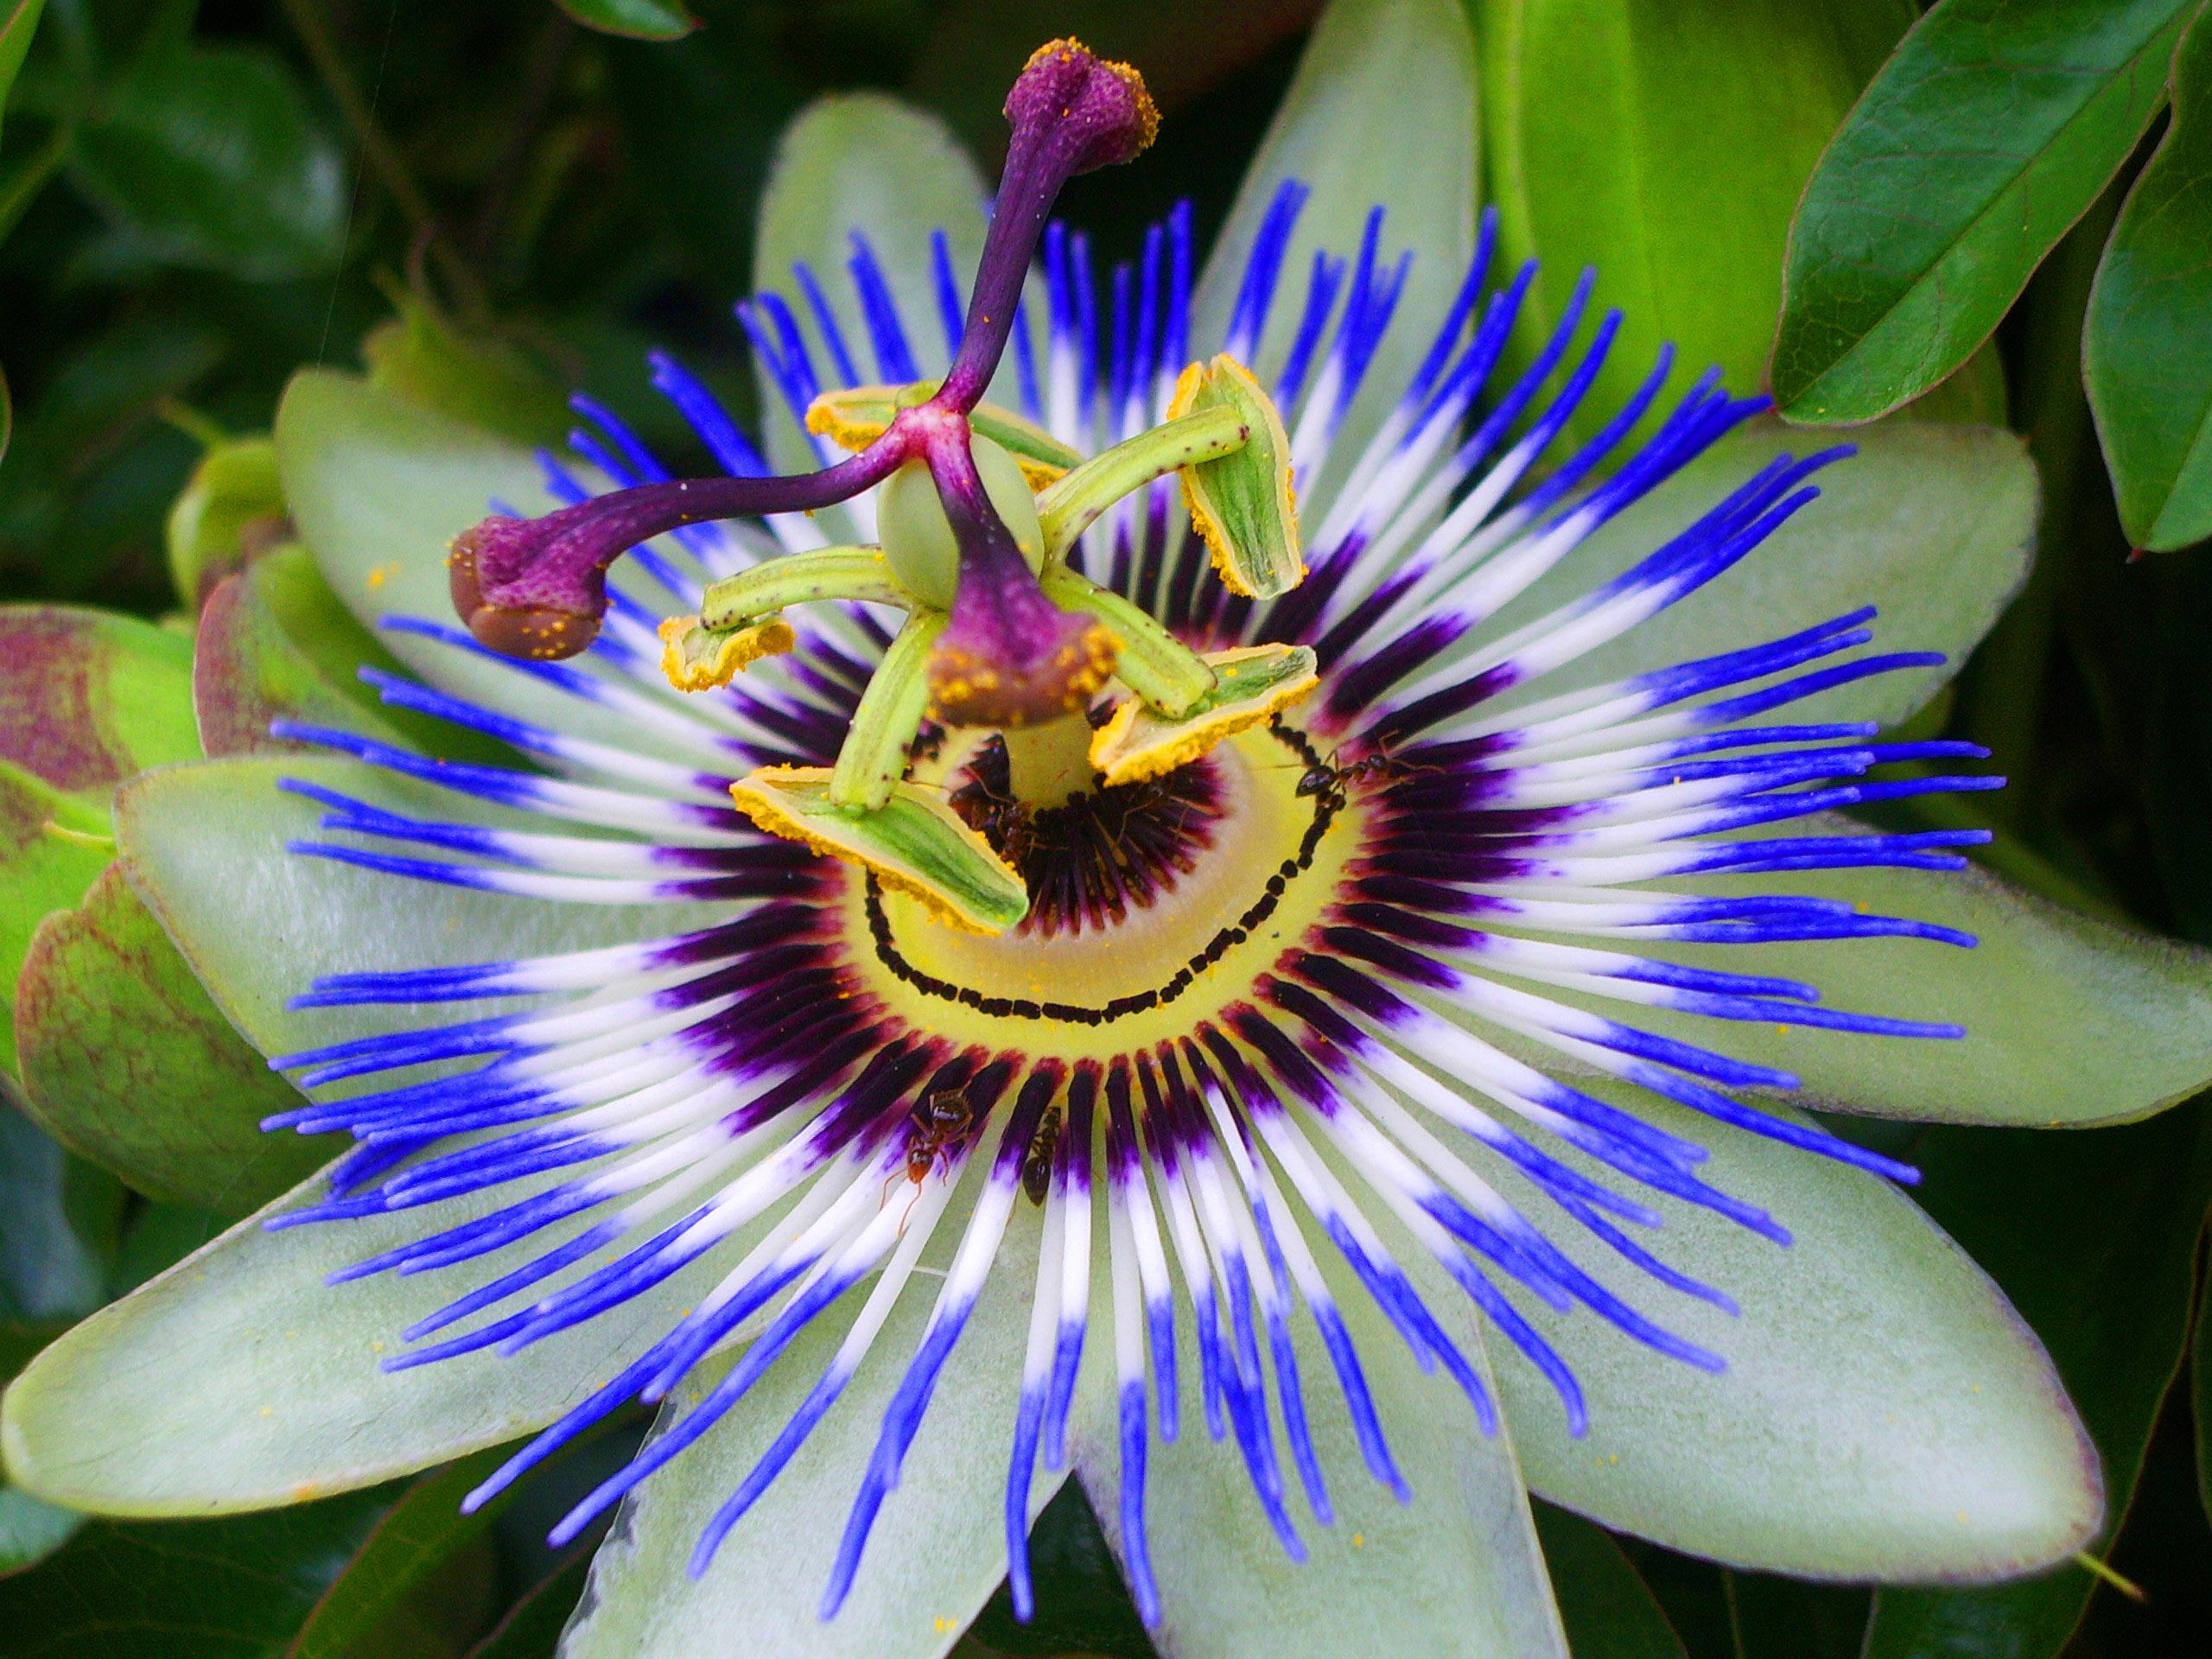 Самые красивые растения мира фото с названиями, флот картинки прикольная